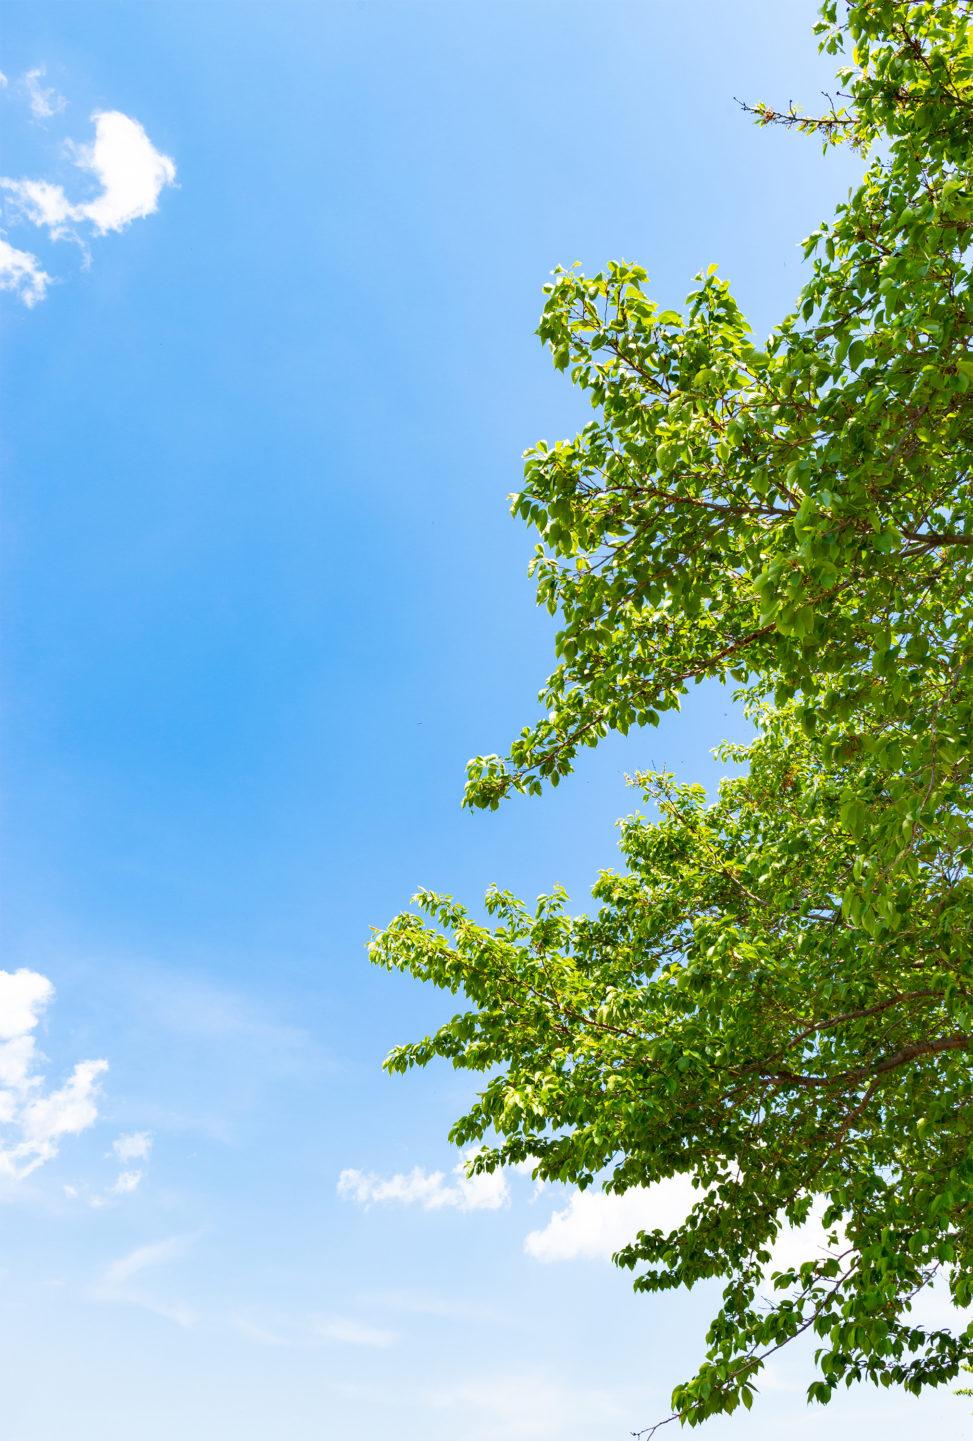 5月の新緑と青空02の写真素材